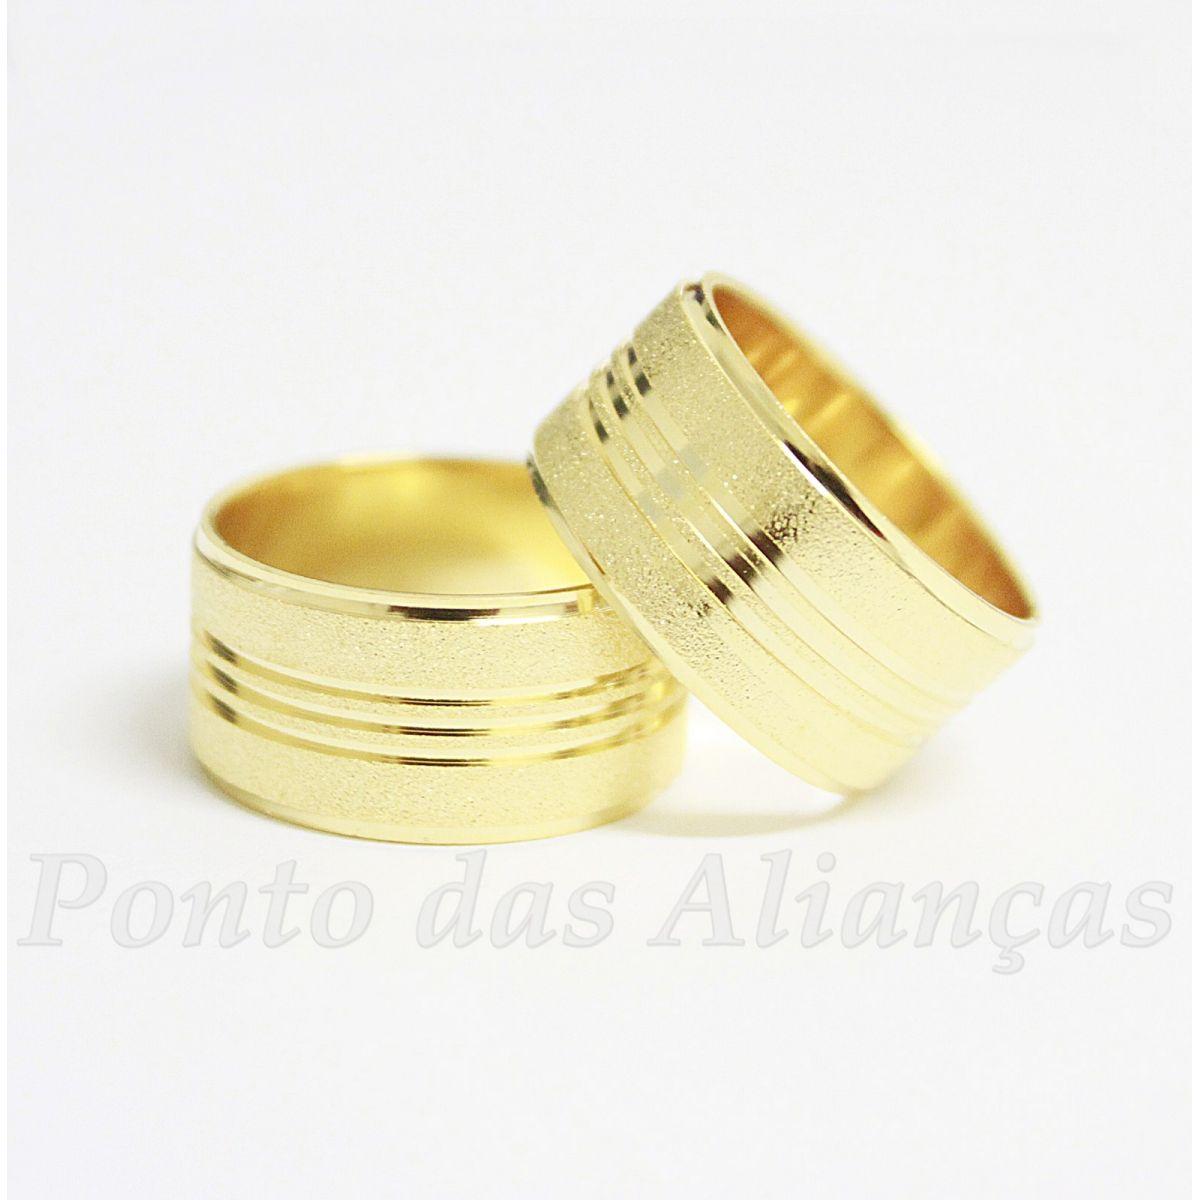 Alianças de Ouro Casamento ou Noivado - 514